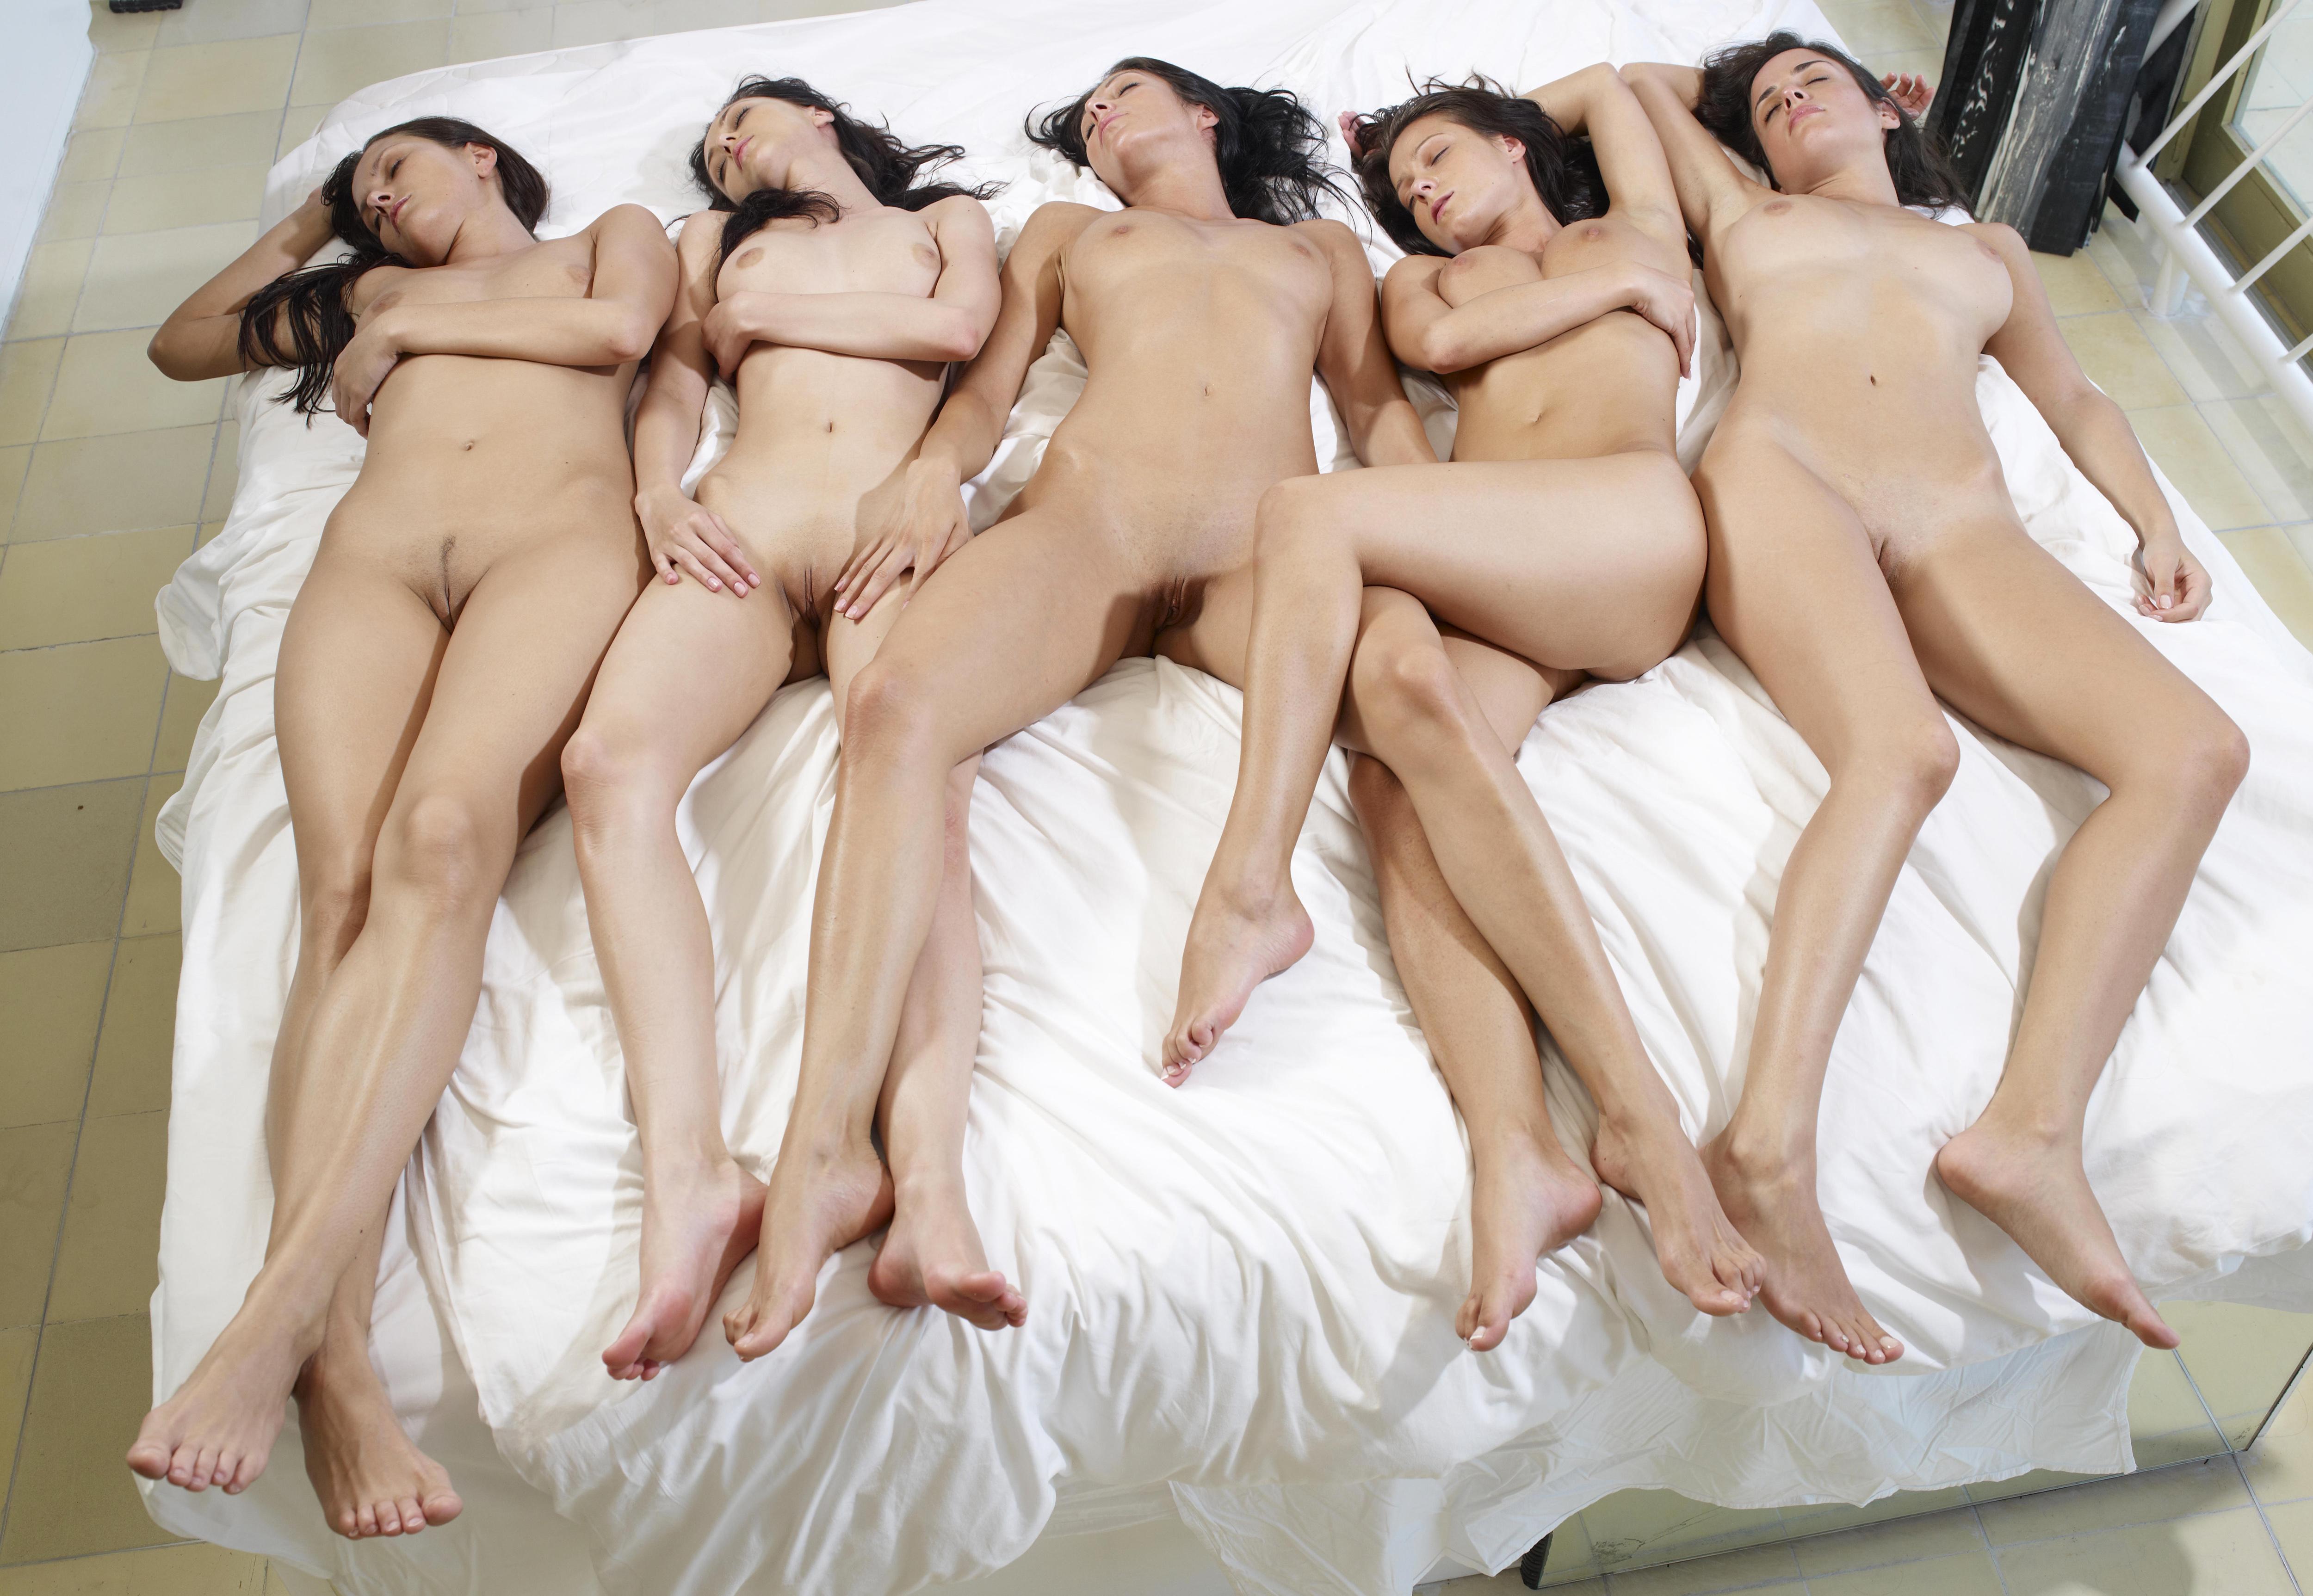 Females naked girls together group tittiy fucking